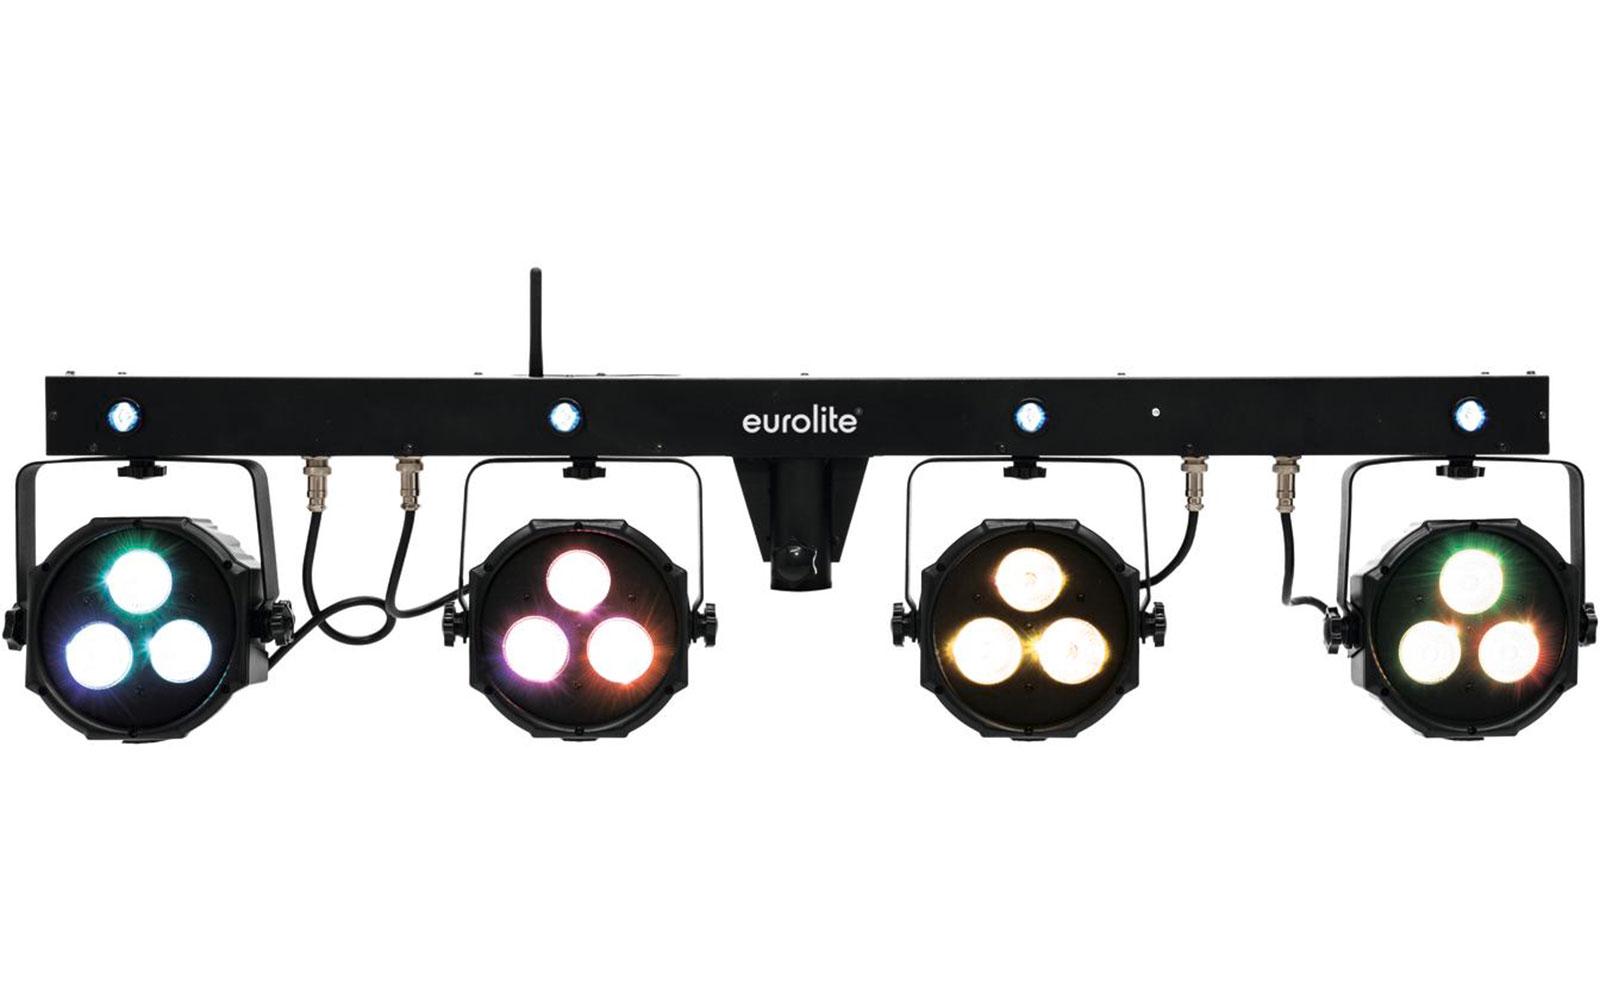 eurolite-led-kls-170-kompakt-lichtset